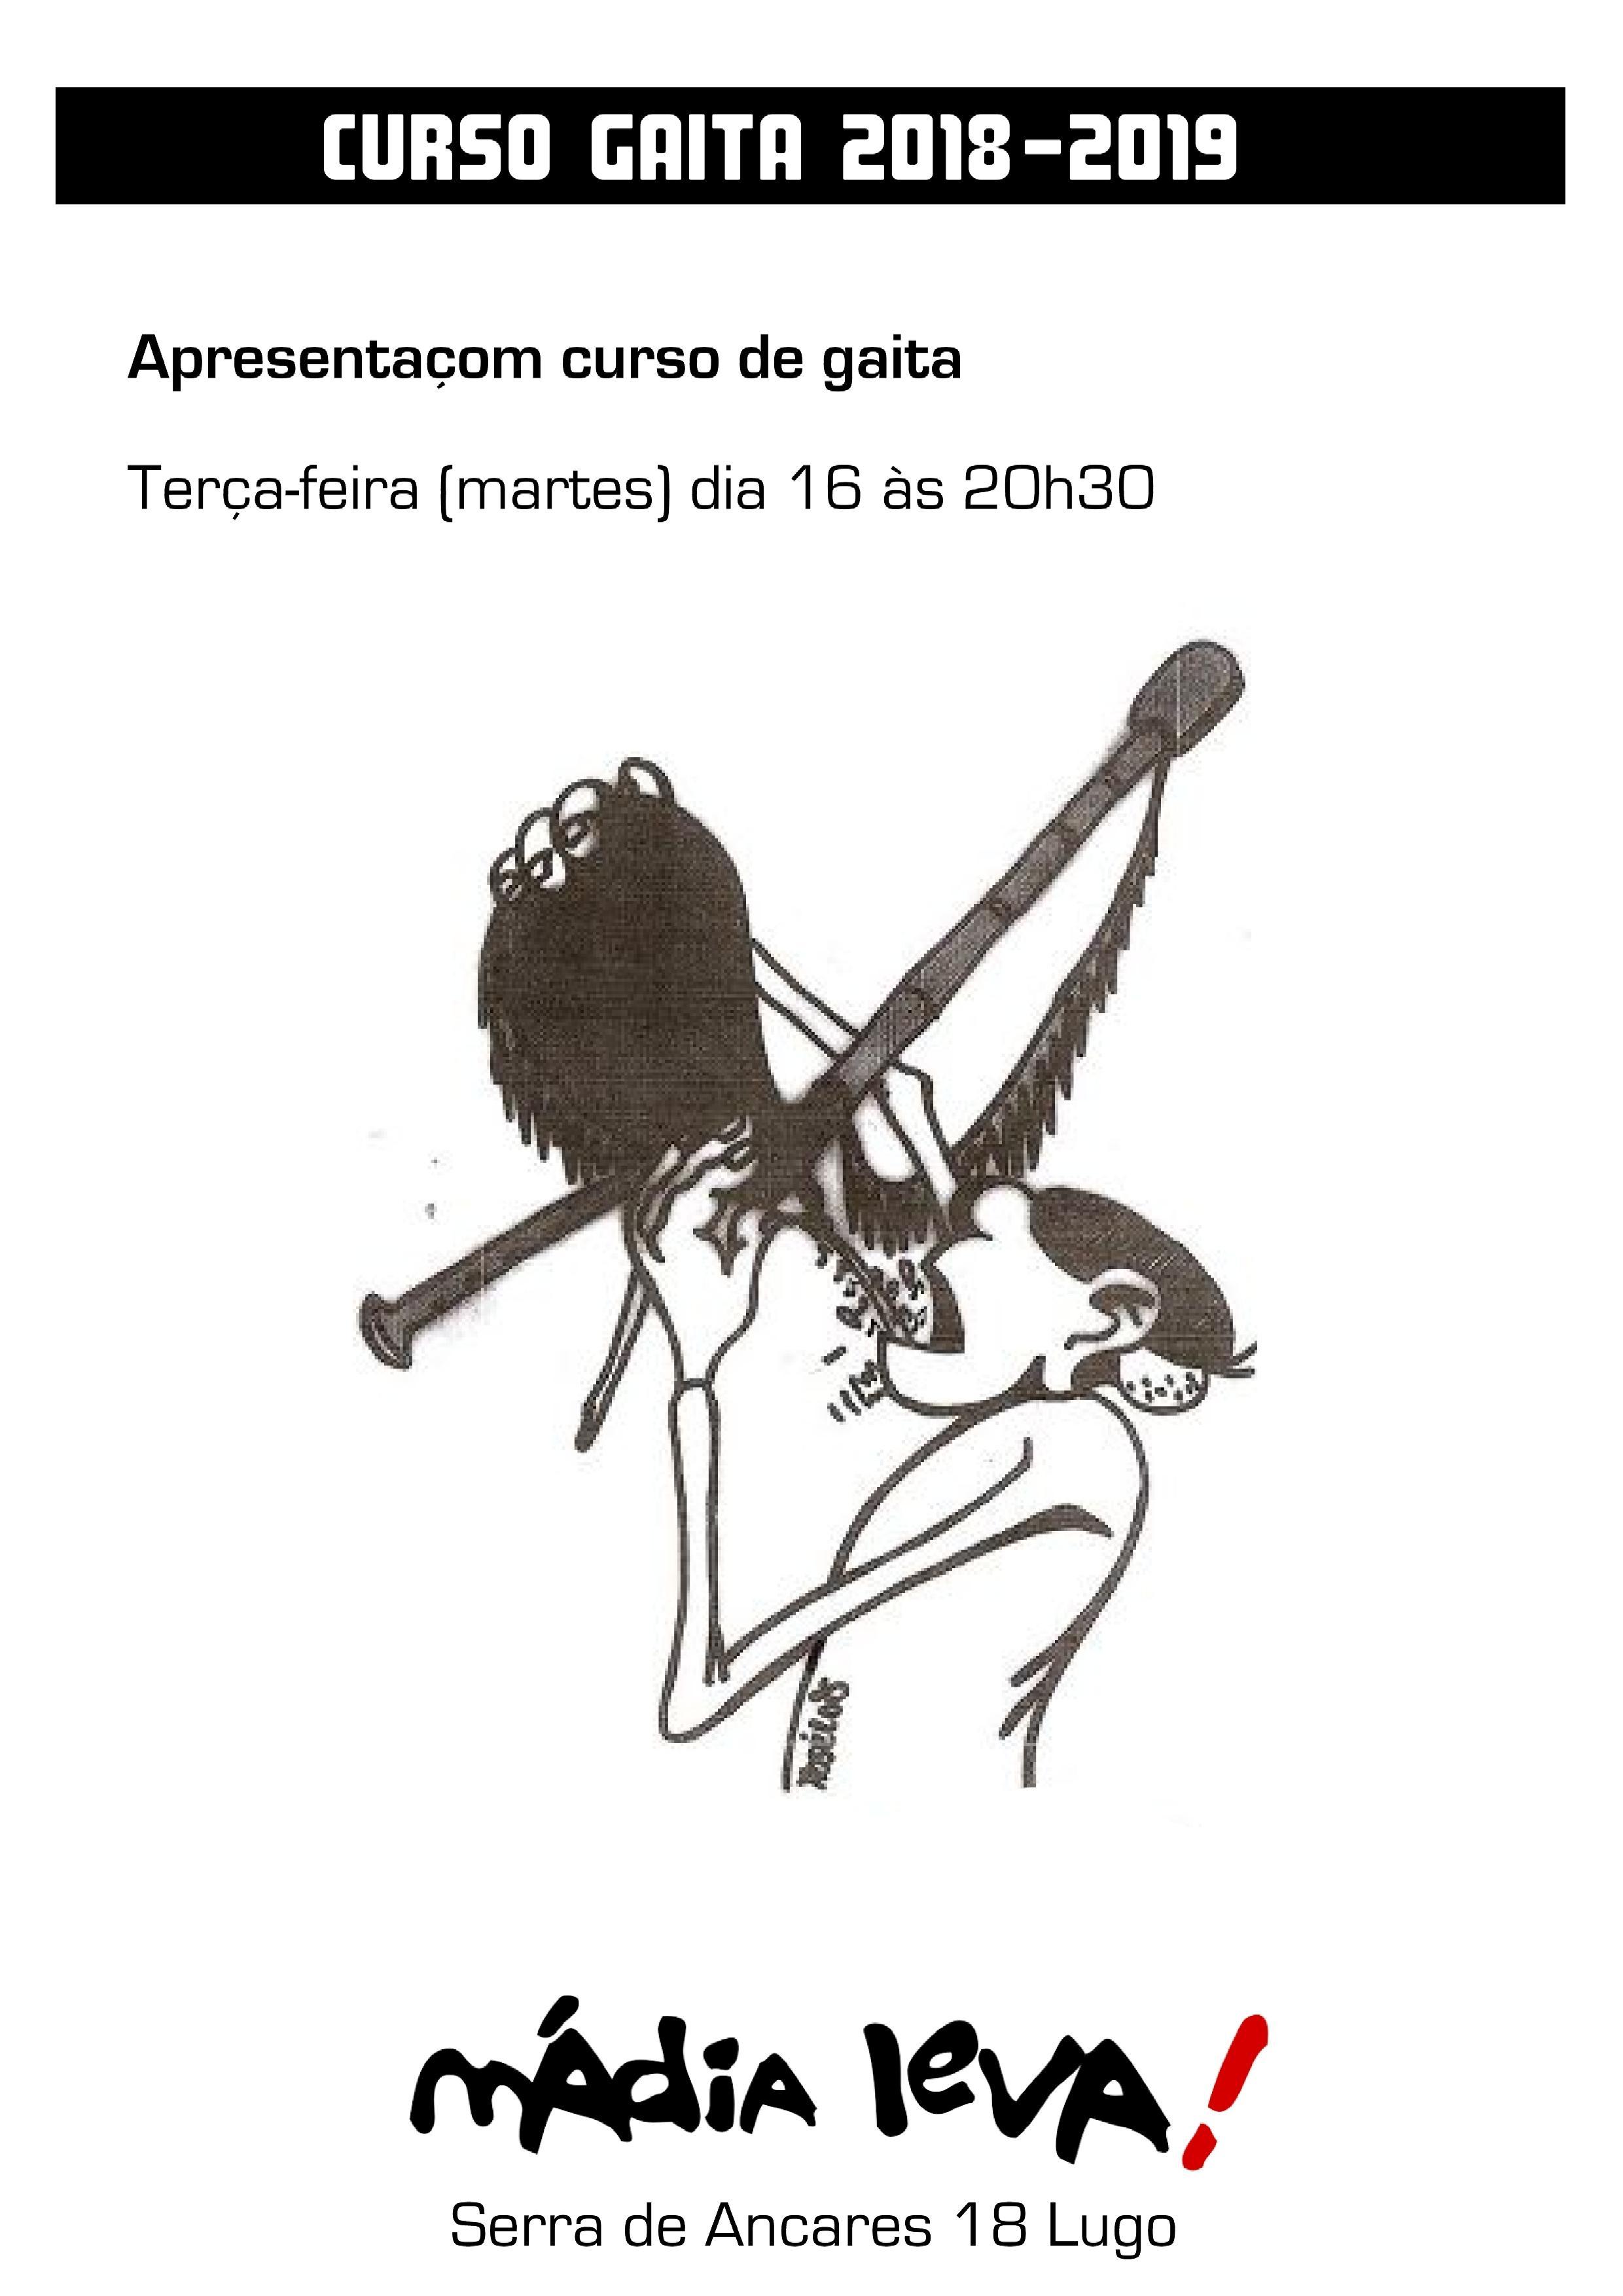 Apresentaom Curso De Gaita Co Mestre Victor M Villamor Dia 16 Outubro S 20h30